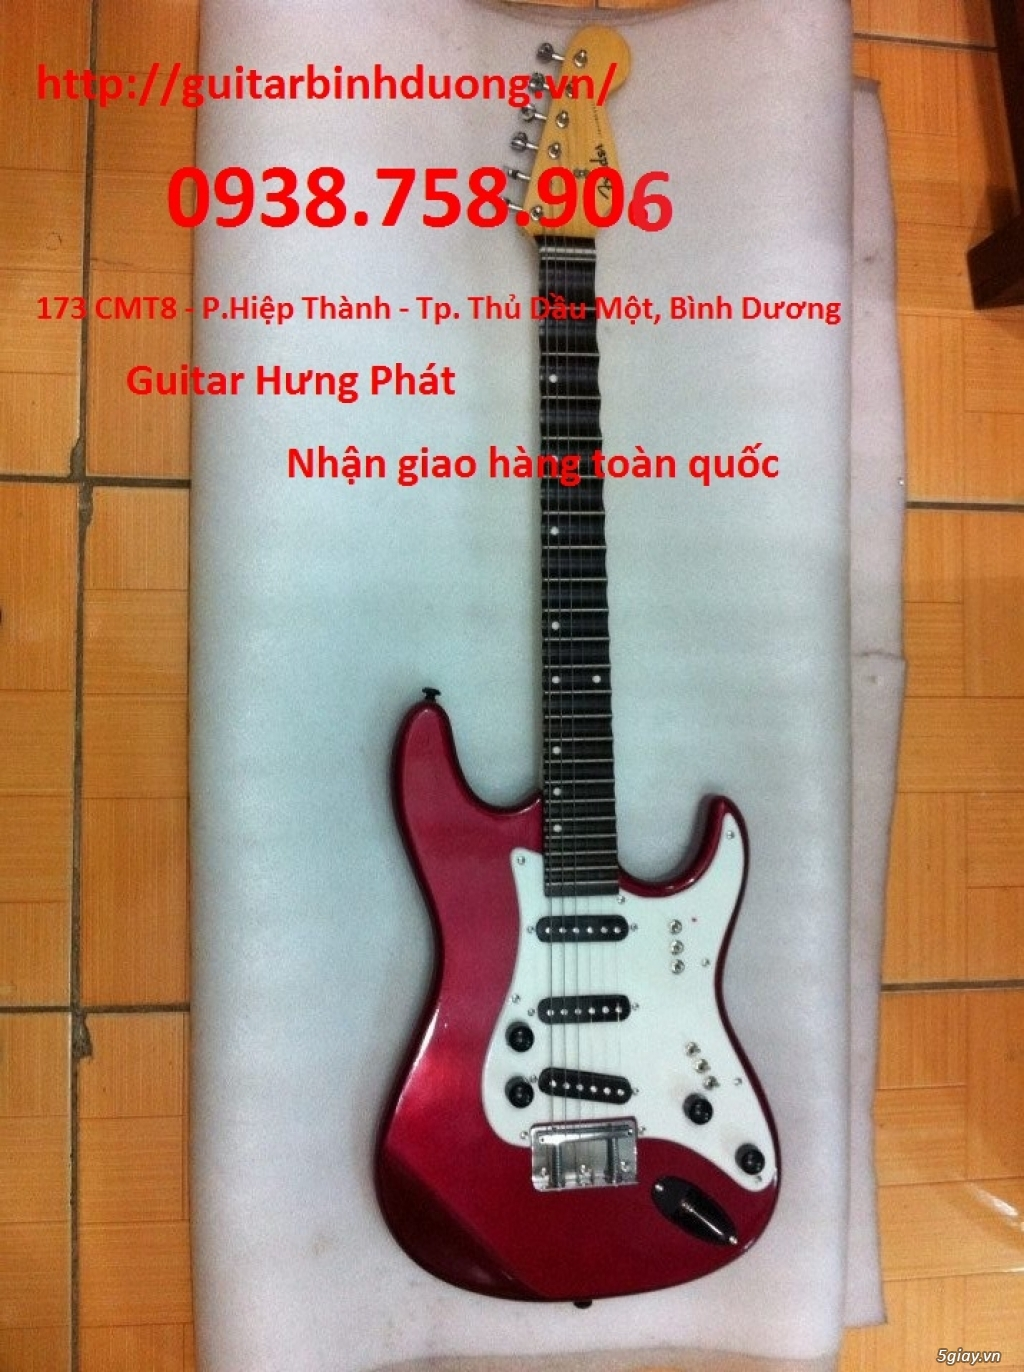 bán đàn Guitar Cổ Thùng giá rẻ từ 490k tại cửa hàng nhạc cụ Bình Dương - 17